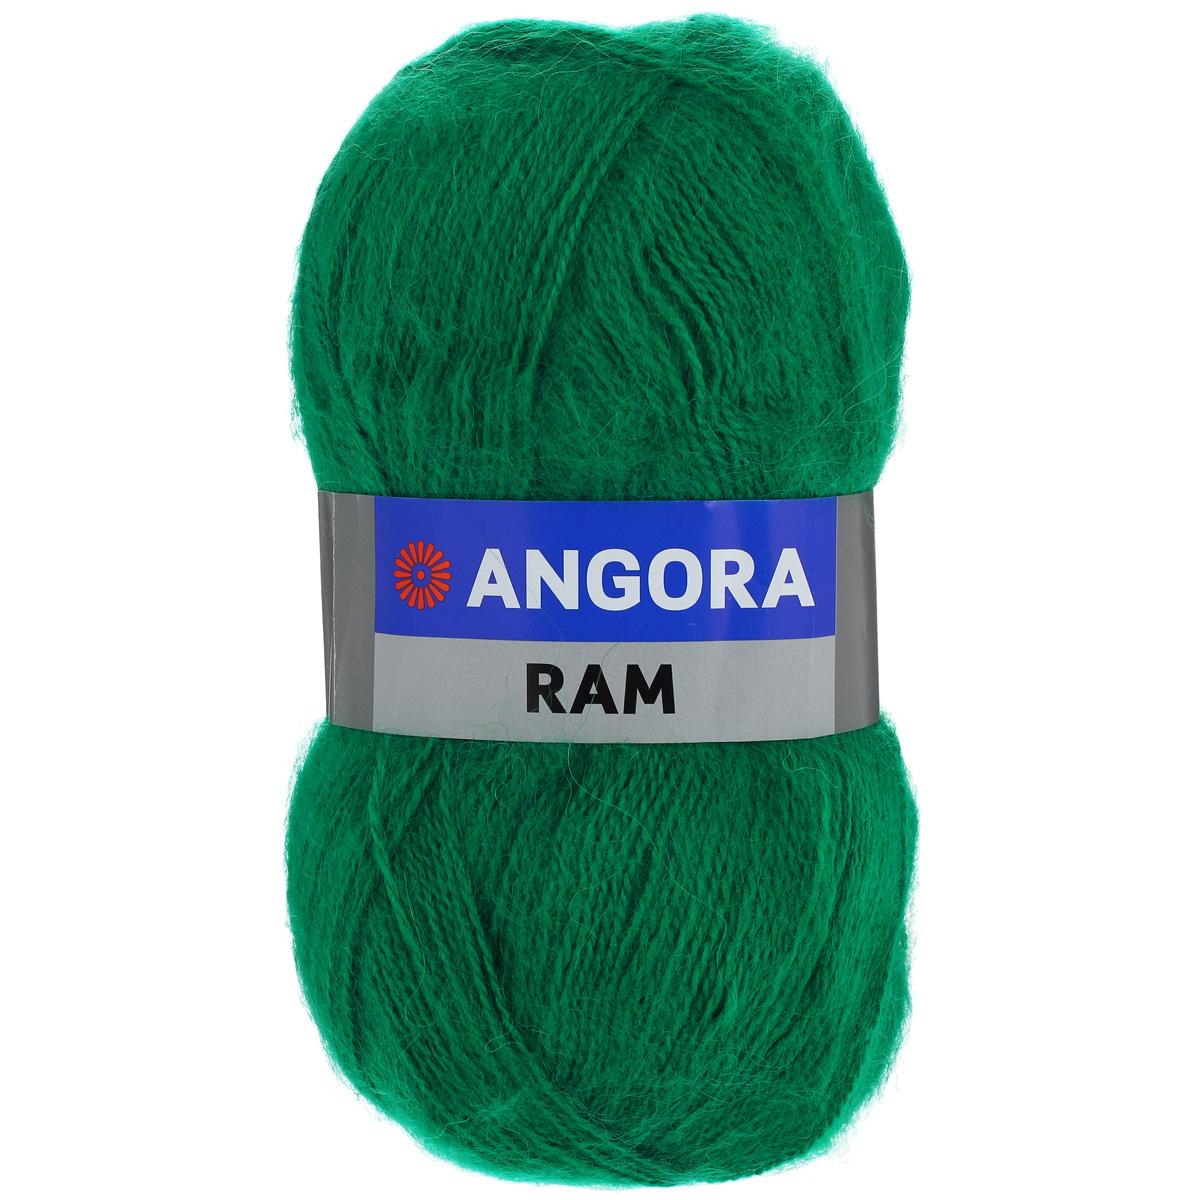 Пряжа для вязания YarnArt Angora Ram, цвет: зеленый (338), 500 м, 100 г, 5 шт372037_338Пряжа для вязания YarnArt Angora Ram изготовлена из натурального мохера с добавлением акрила. Пряжа из такого материала обладает повышенной прочностью и эластичностью, а изделия получаются теплые и уютные. Скрутка нити плотная, равномерная, не расслаивается, не путается, хорошо скользит по спицам, вяжется очень легко. Петли выглядят аккуратно, а натуральный мохер обеспечивает теплоту, легкость и превосходный внешний вид. Нить можно комбинировать с полушерстяными пряжами для смягчения рисунка, придания благородной пушистости фактуре нити, а также для улучшения тепловых характеристик. Благодаря содержанию синтетических волокон, изделия из YarnArt Angora Ram устойчивы к скатыванию, а благодаря своей мягкости такая пряжа подходит для детских вещей. Ажурные вещи сохраняют тепло не хуже плотного вязания, оставаясь легкими и объемными. Рекомендуемый размер спиц: №4. Примерный расход пряжи на джемпер: S - 400 г, M - 500 г, L - 600 г. Состав: 40%...